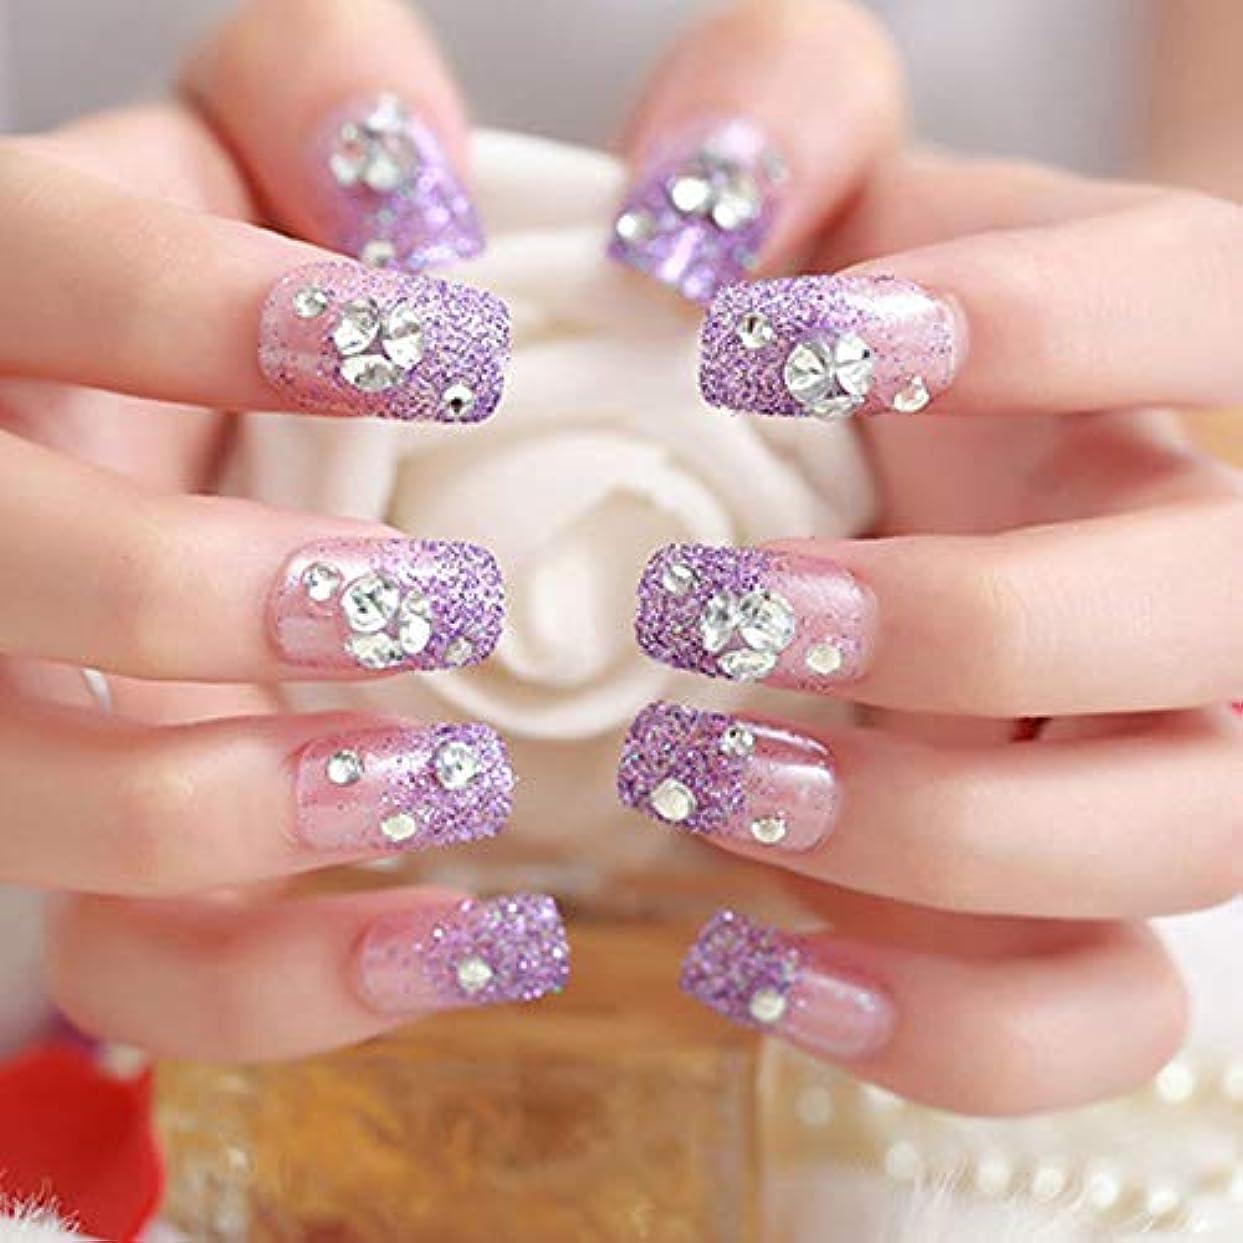 暫定現像アデレードXUTXZKA キラキラ人工爪紫色の輝くラインストーン結婚式の花嫁のネイルアートフェイクネイル